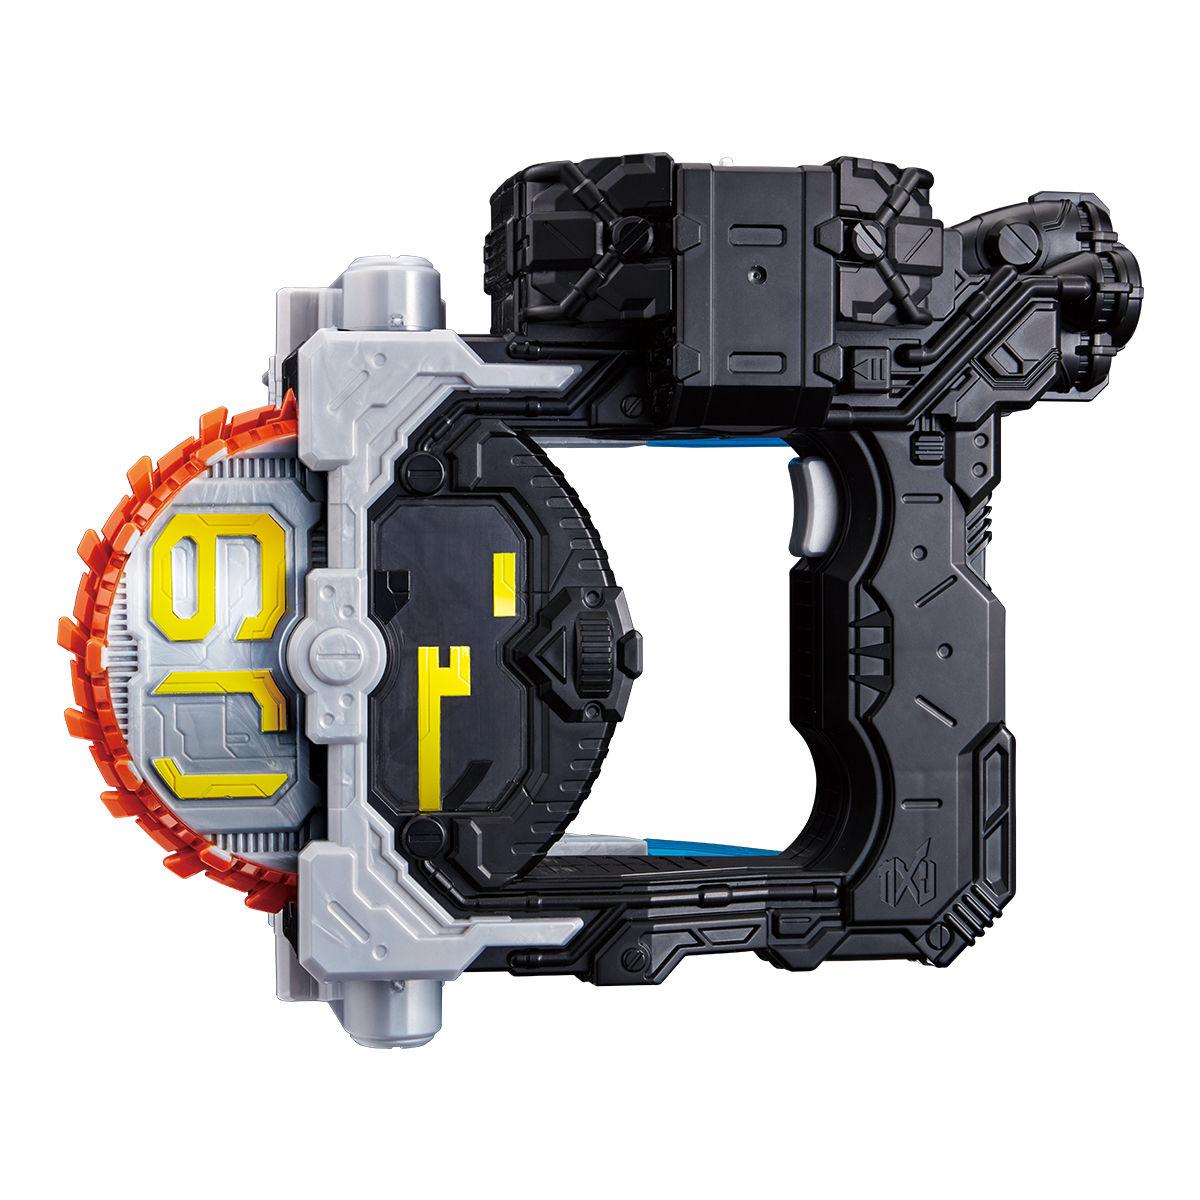 仮面ライダーゲイツリバイブ『裂風削烈 DXジカンジャックロー』仮面ライダージオウ 変身なりきり-004